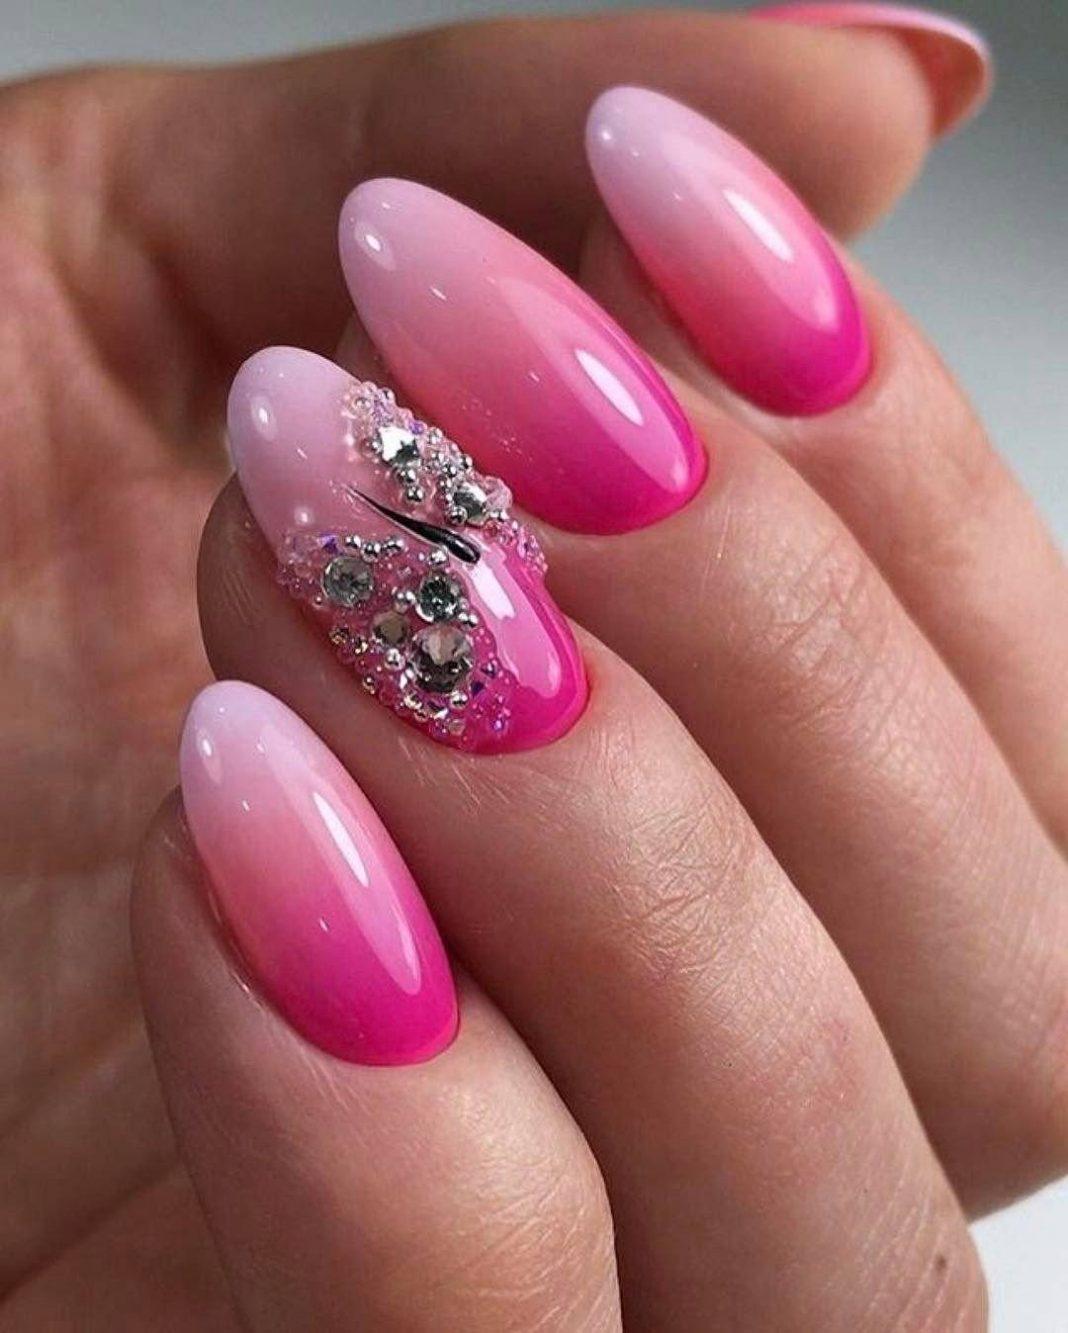 Розовый маникюр 2020: фото идей дизайна ногтей -Фото - модны